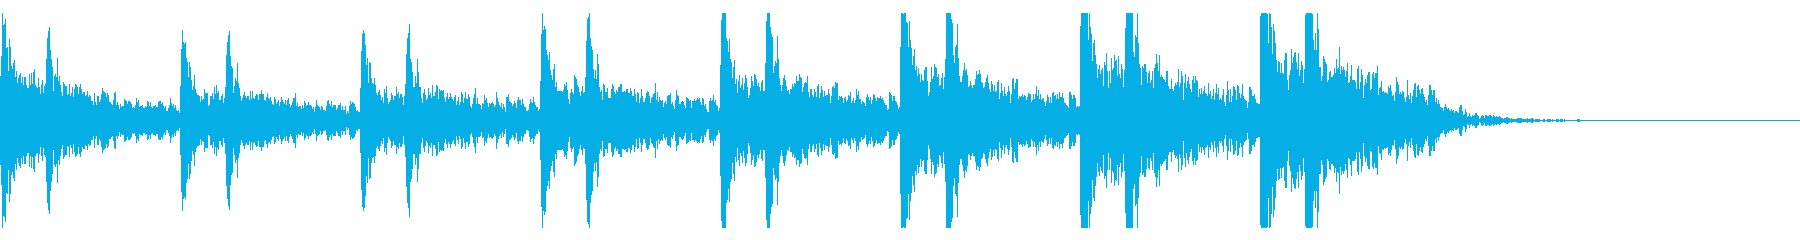 ドキドキと緊張感のあるドラムロールの再生済みの波形